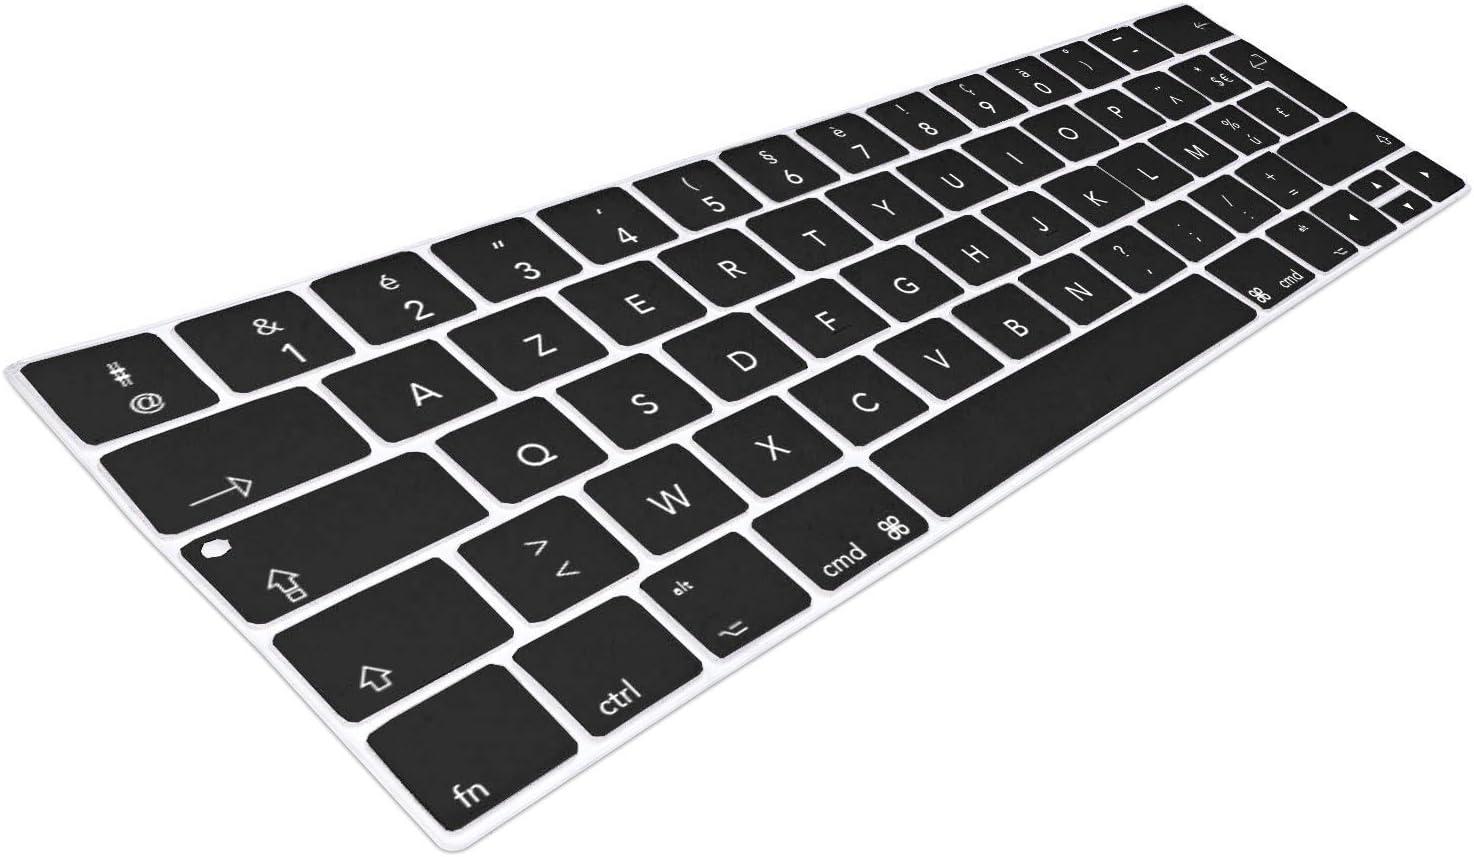 MyGadget Coque Clavier AZERTY pour Apple Macbook New Pro 13//15 2016 Couverture Ultra Fine en Violet Protection poussi/ère Silicone Flexible